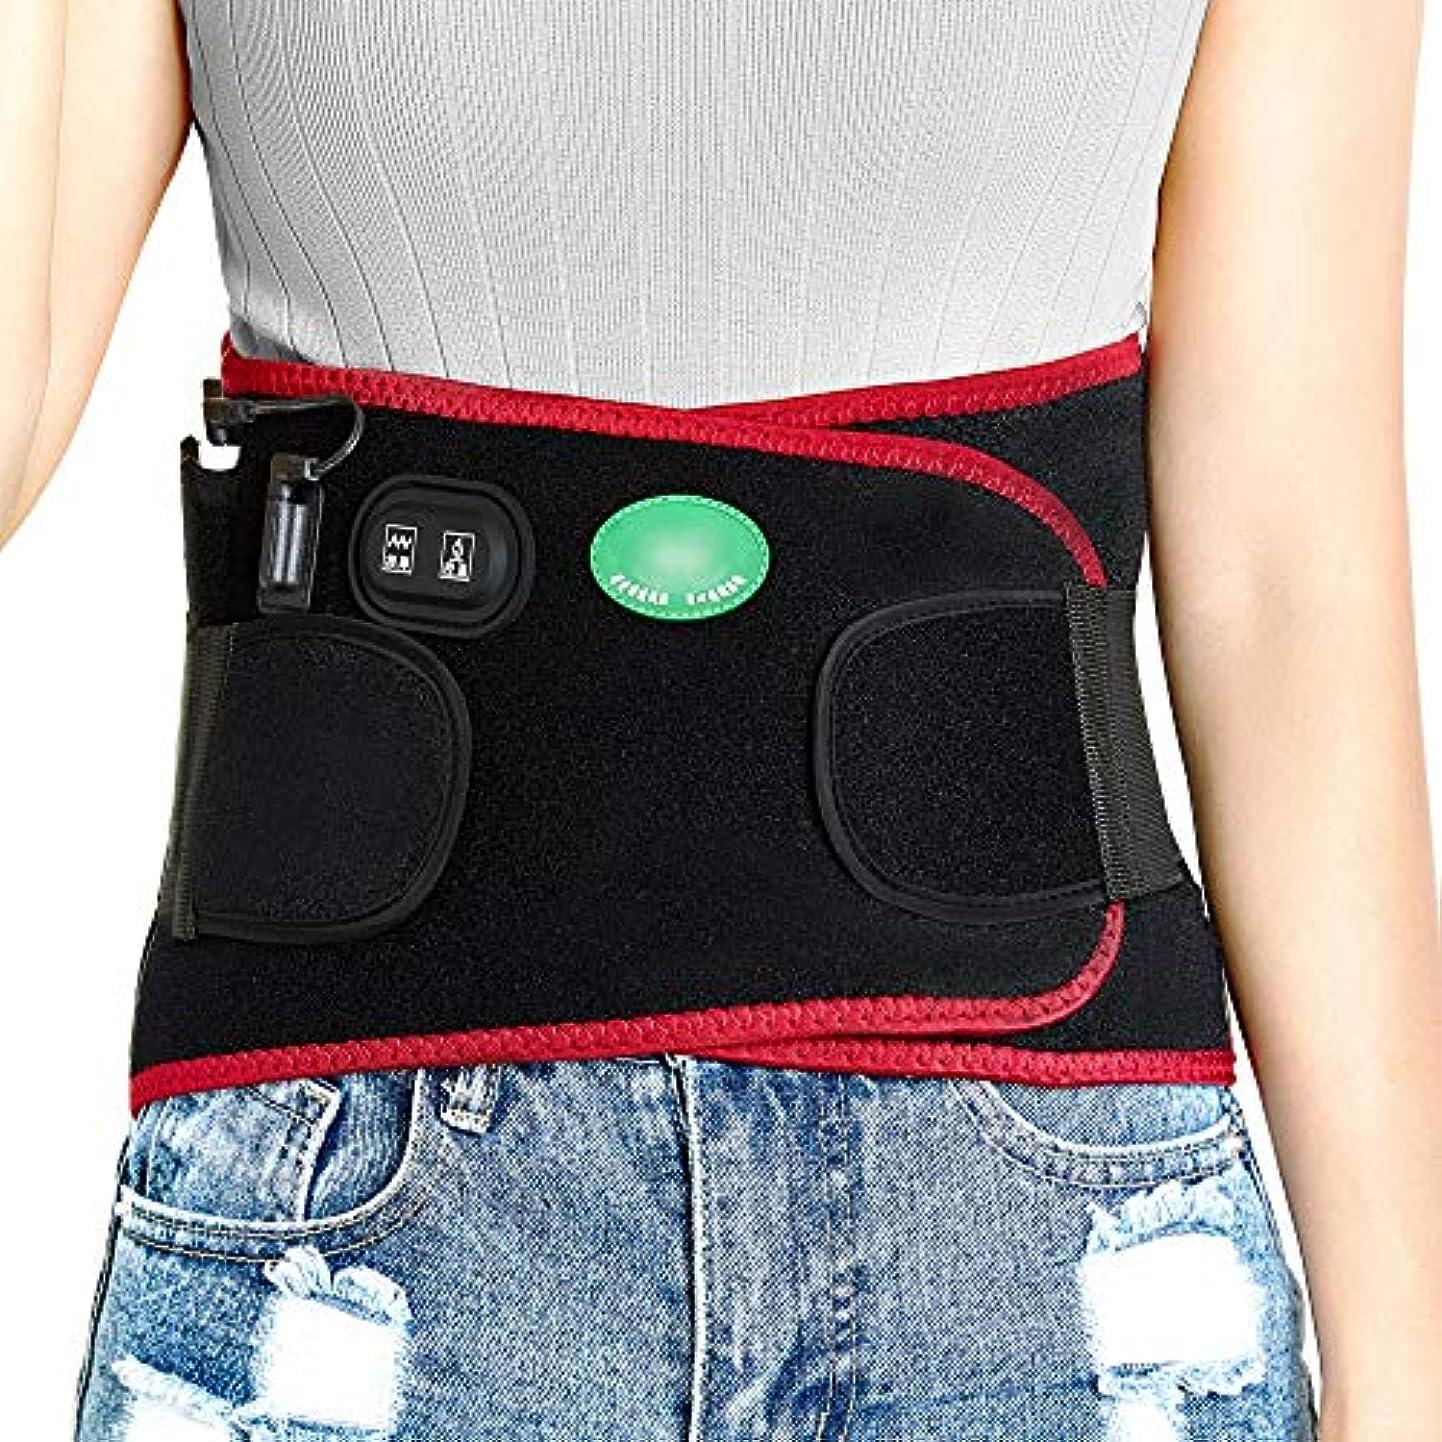 ピーク陪審意識的腰用温熱ベルト 腰を支える 腰間盤際立っている 遠赤外線 腰椎の痛み緩和 3段階温度調節 充電式マッサージ振動する労損 熱をつける男女